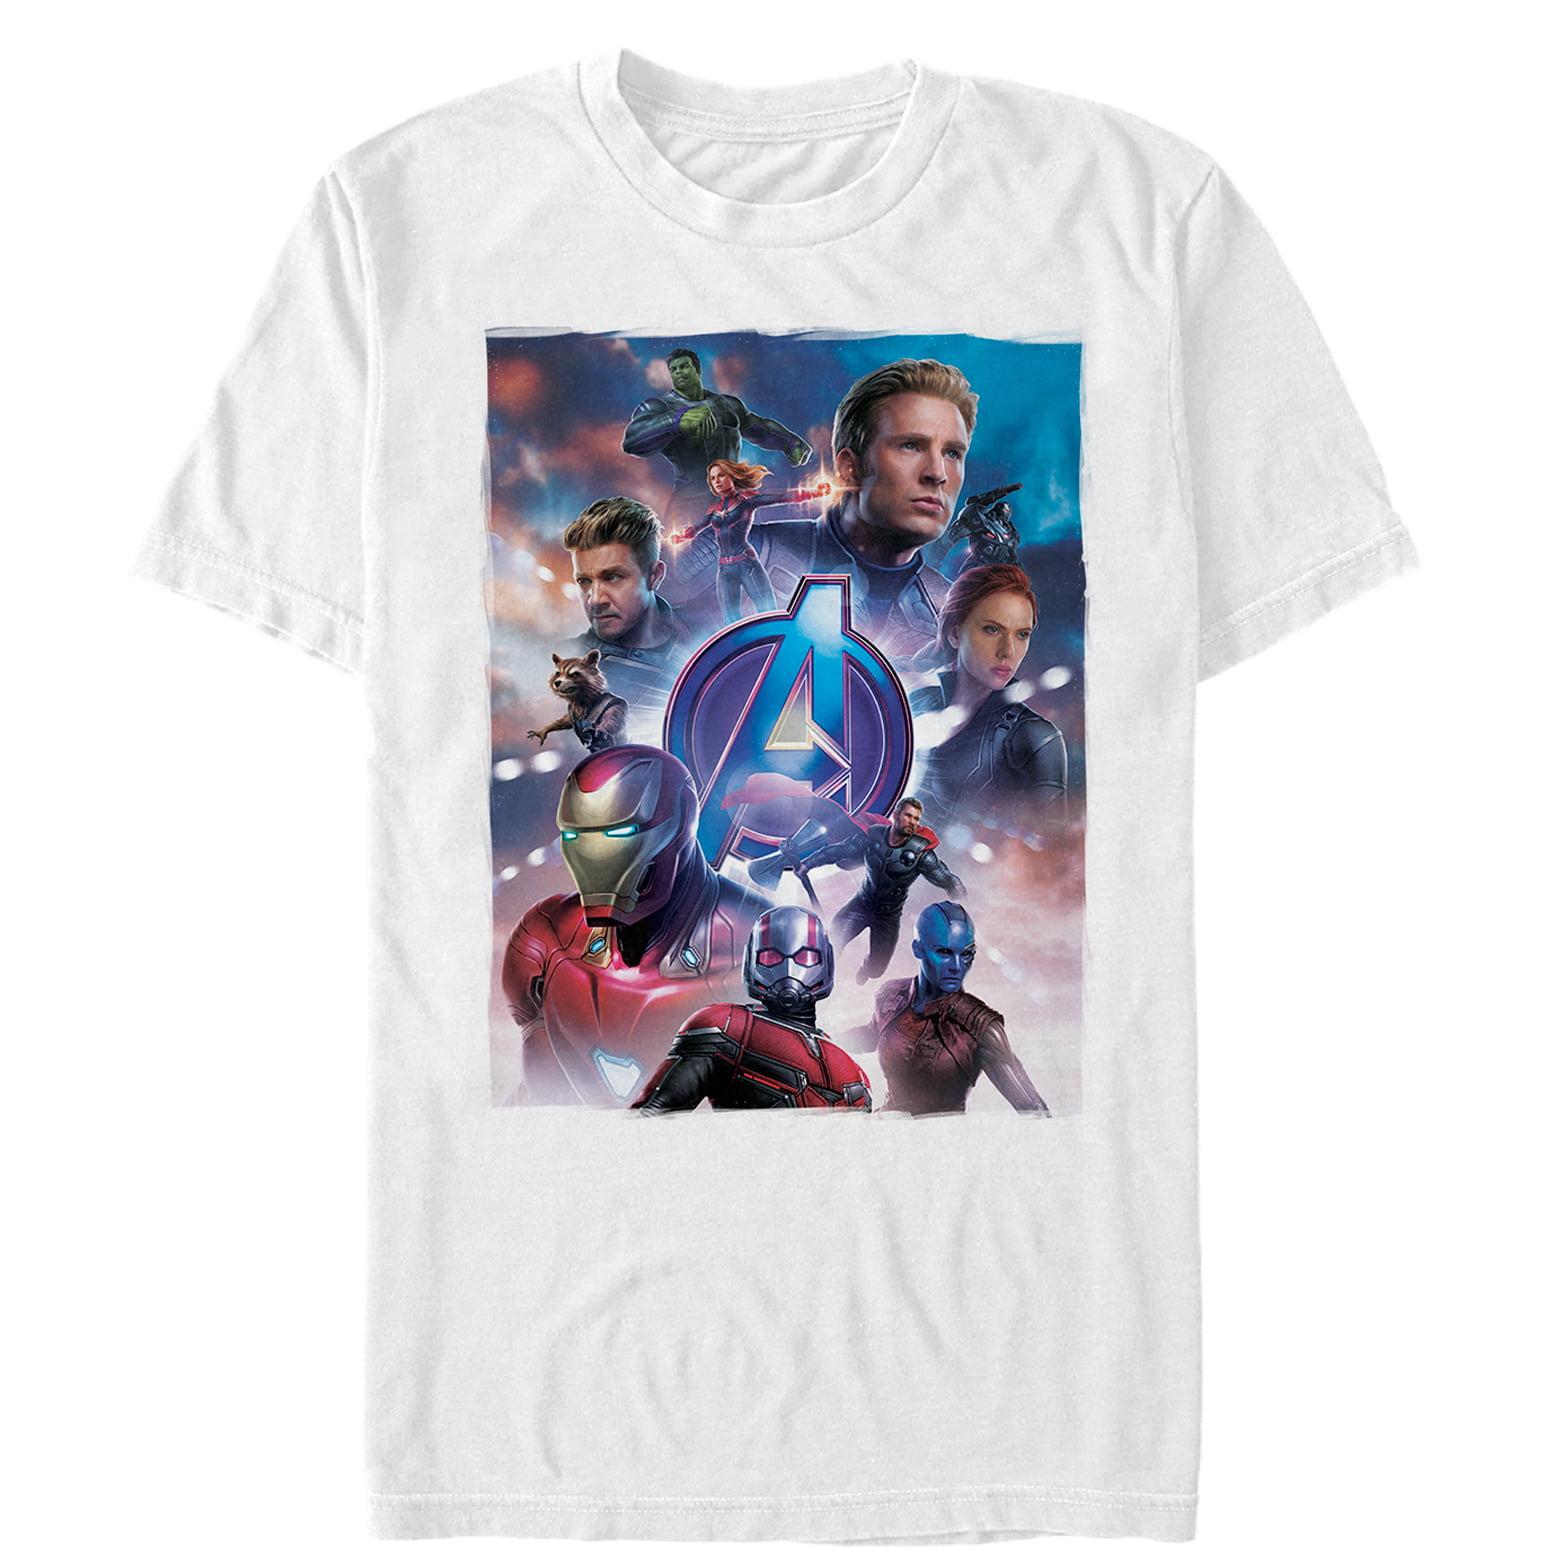 Marvel Avengers Endgame Iron Man Space Poster T-Shirt